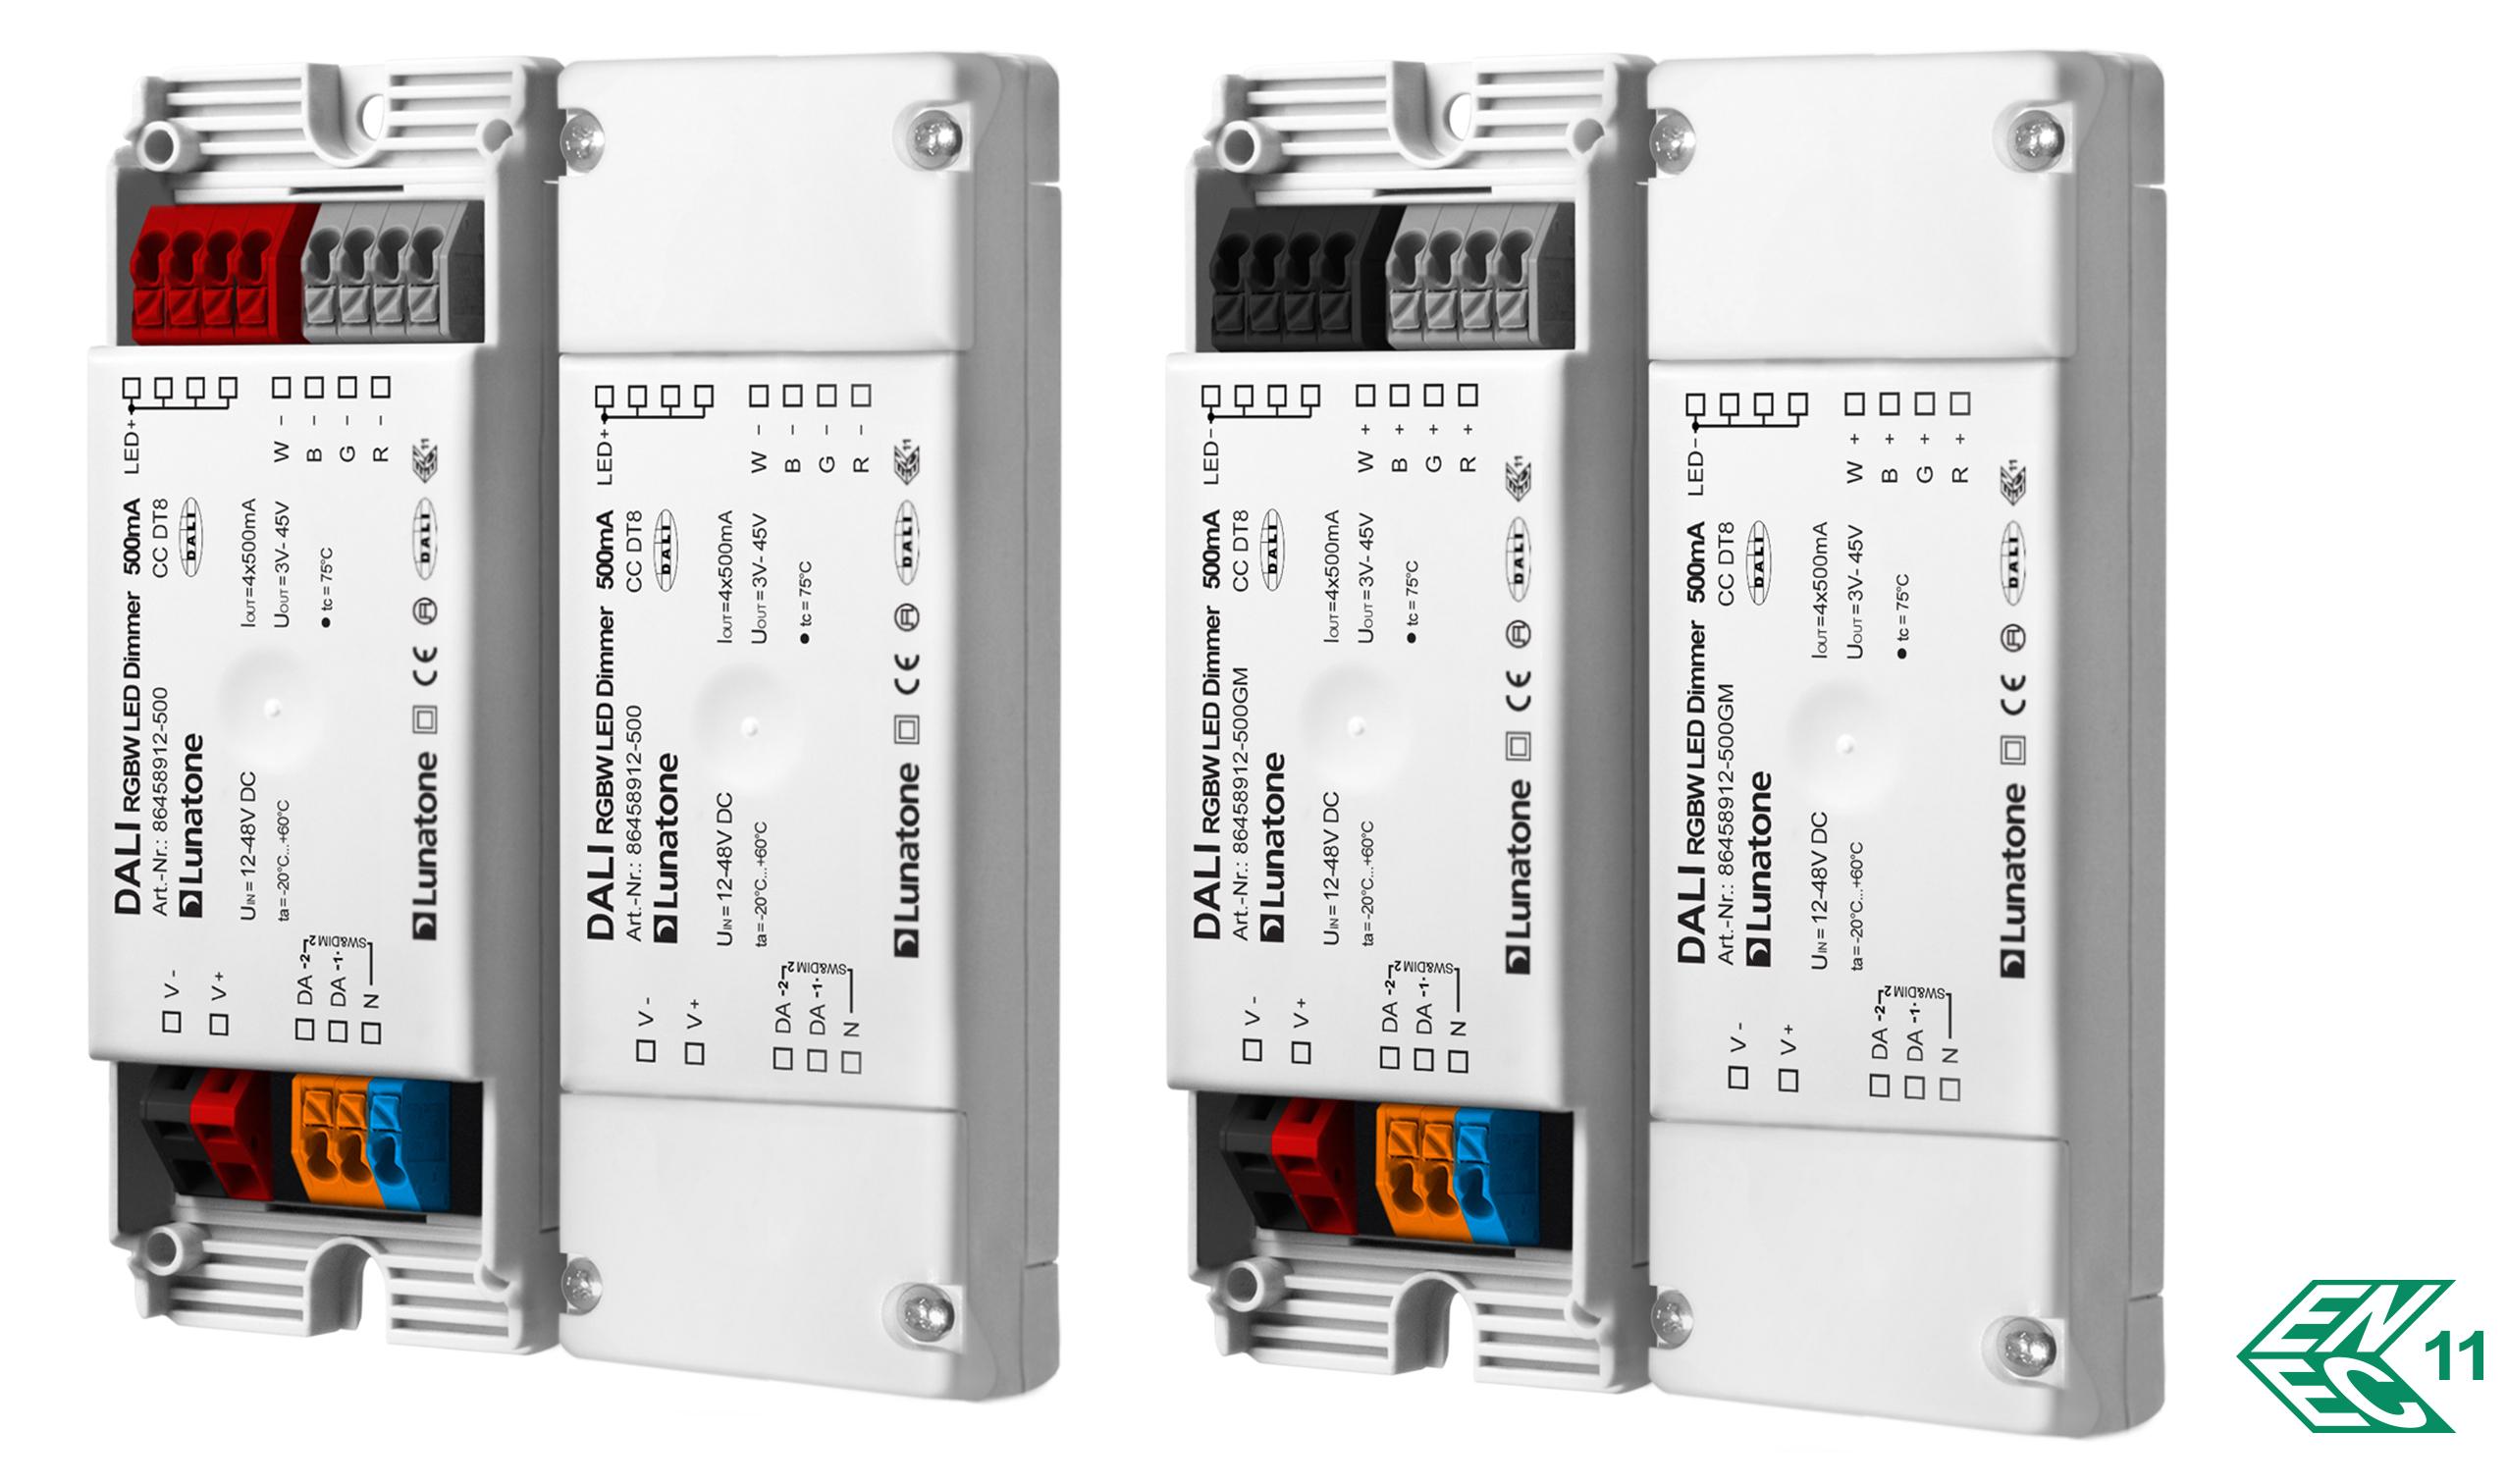 DALI RGBW LED Dimmer CC DT8 Lunatone